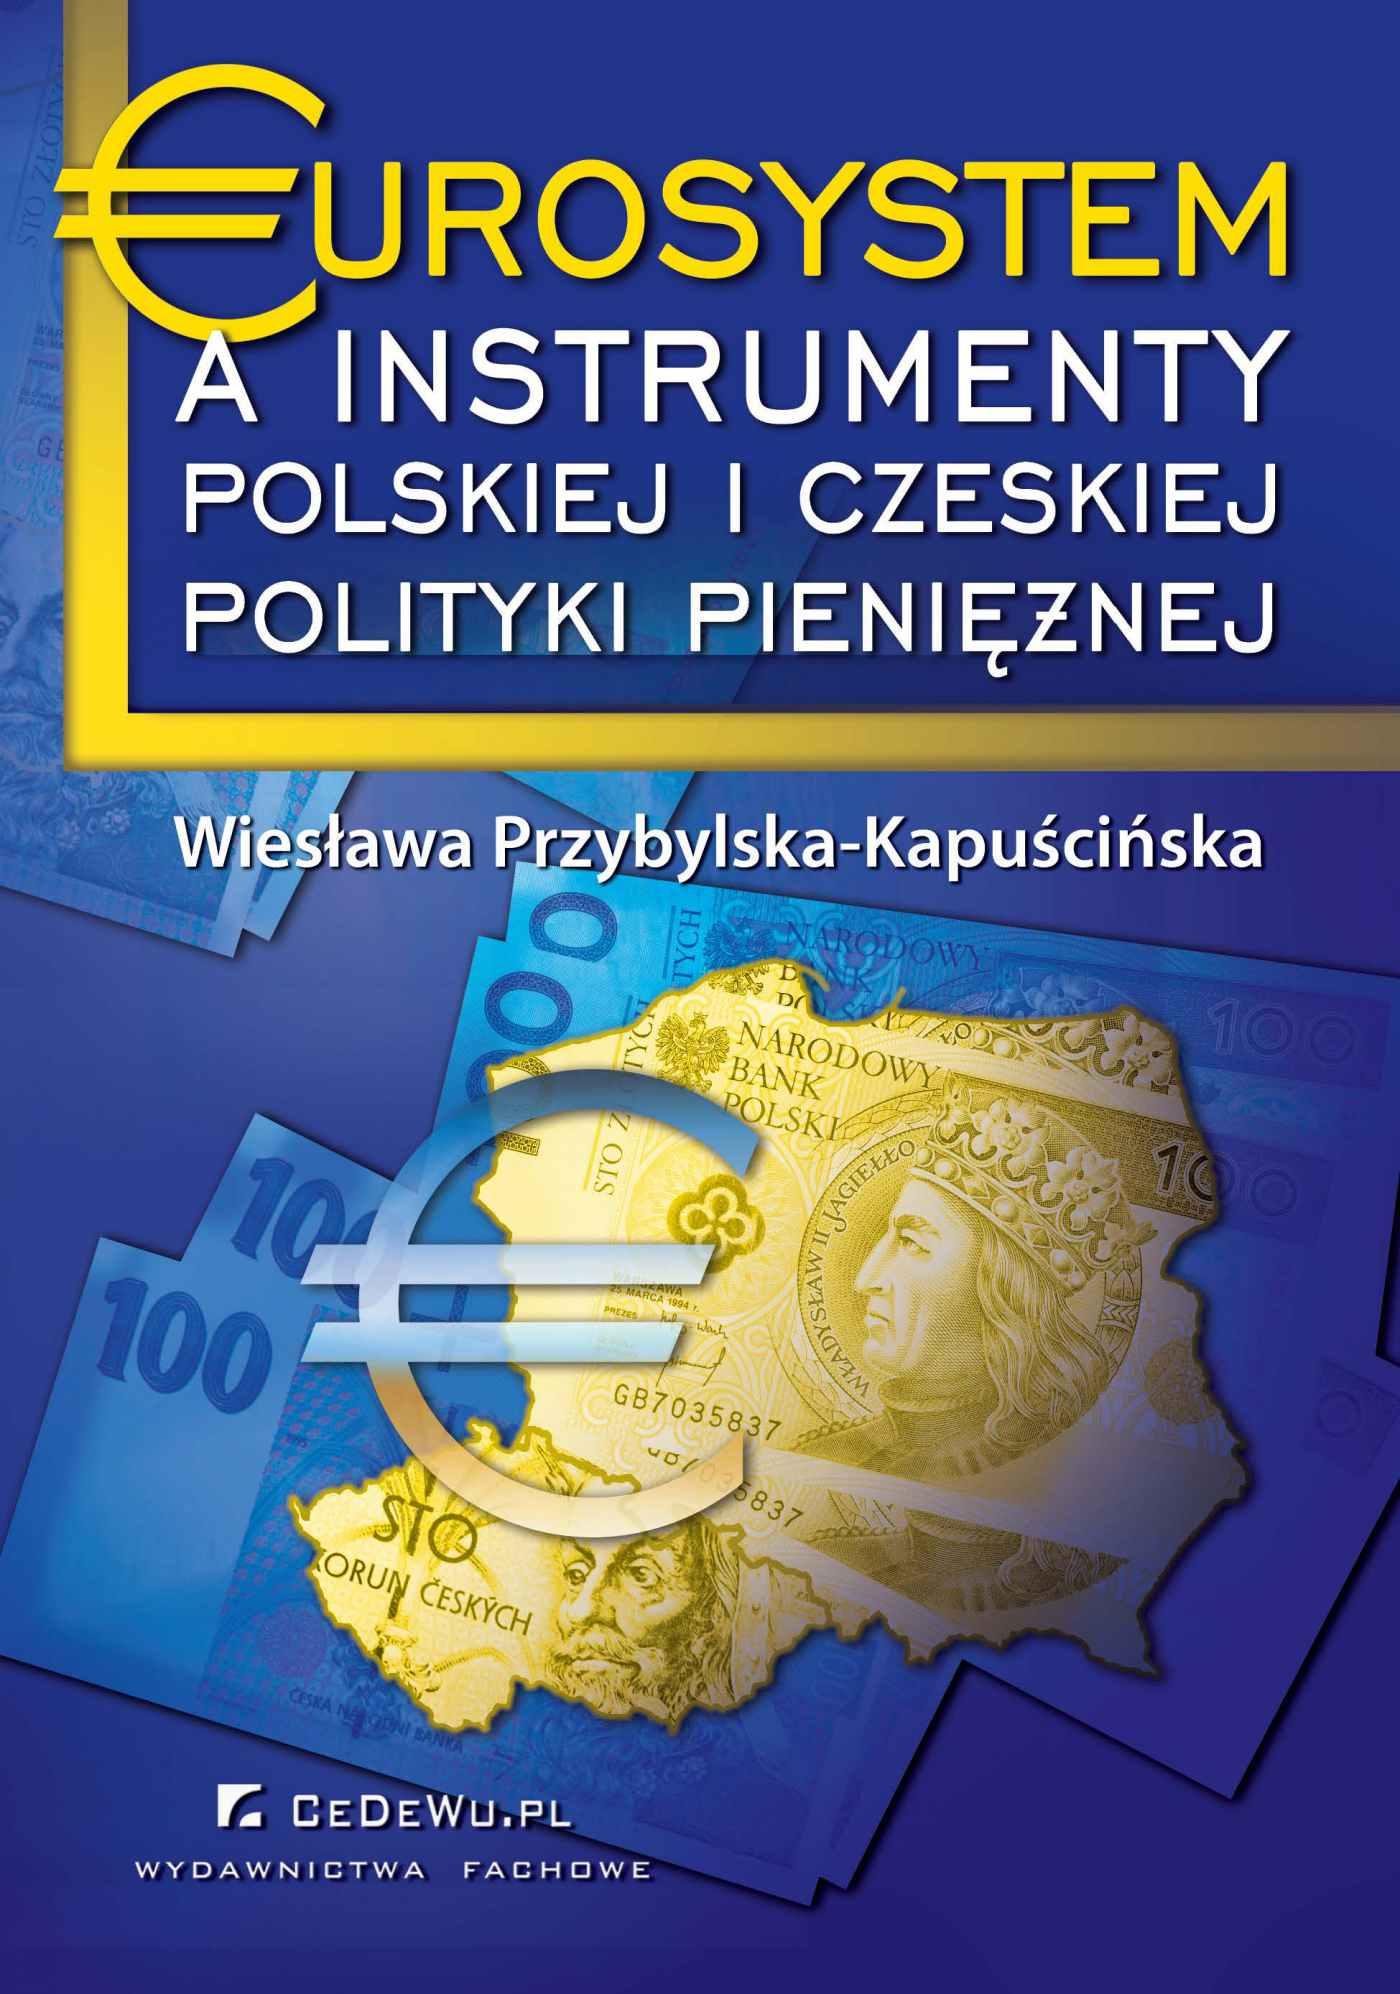 Eurosystem a instrumenty polskiej i czeskiej polityki pieniężnej - Ebook (Książka PDF) do pobrania w formacie PDF